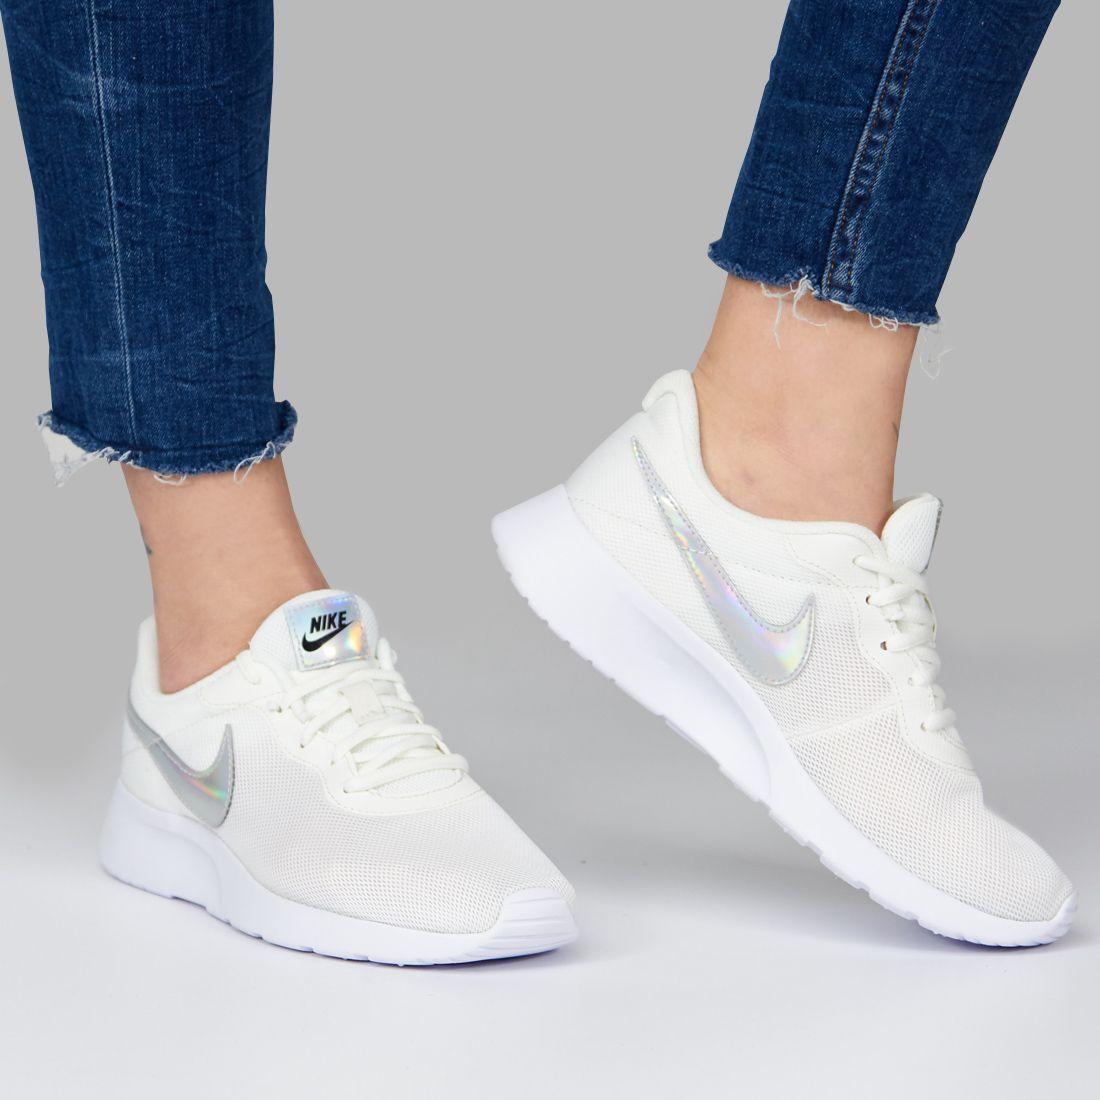 Conflicto Recuerdo Hacer las tareas domésticas  NIKE NIKE TANJUN BLANCO Zacaris zapatos online. | Zapatos deportivos de  moda, Marcas zapatos mujer, Calzado nike